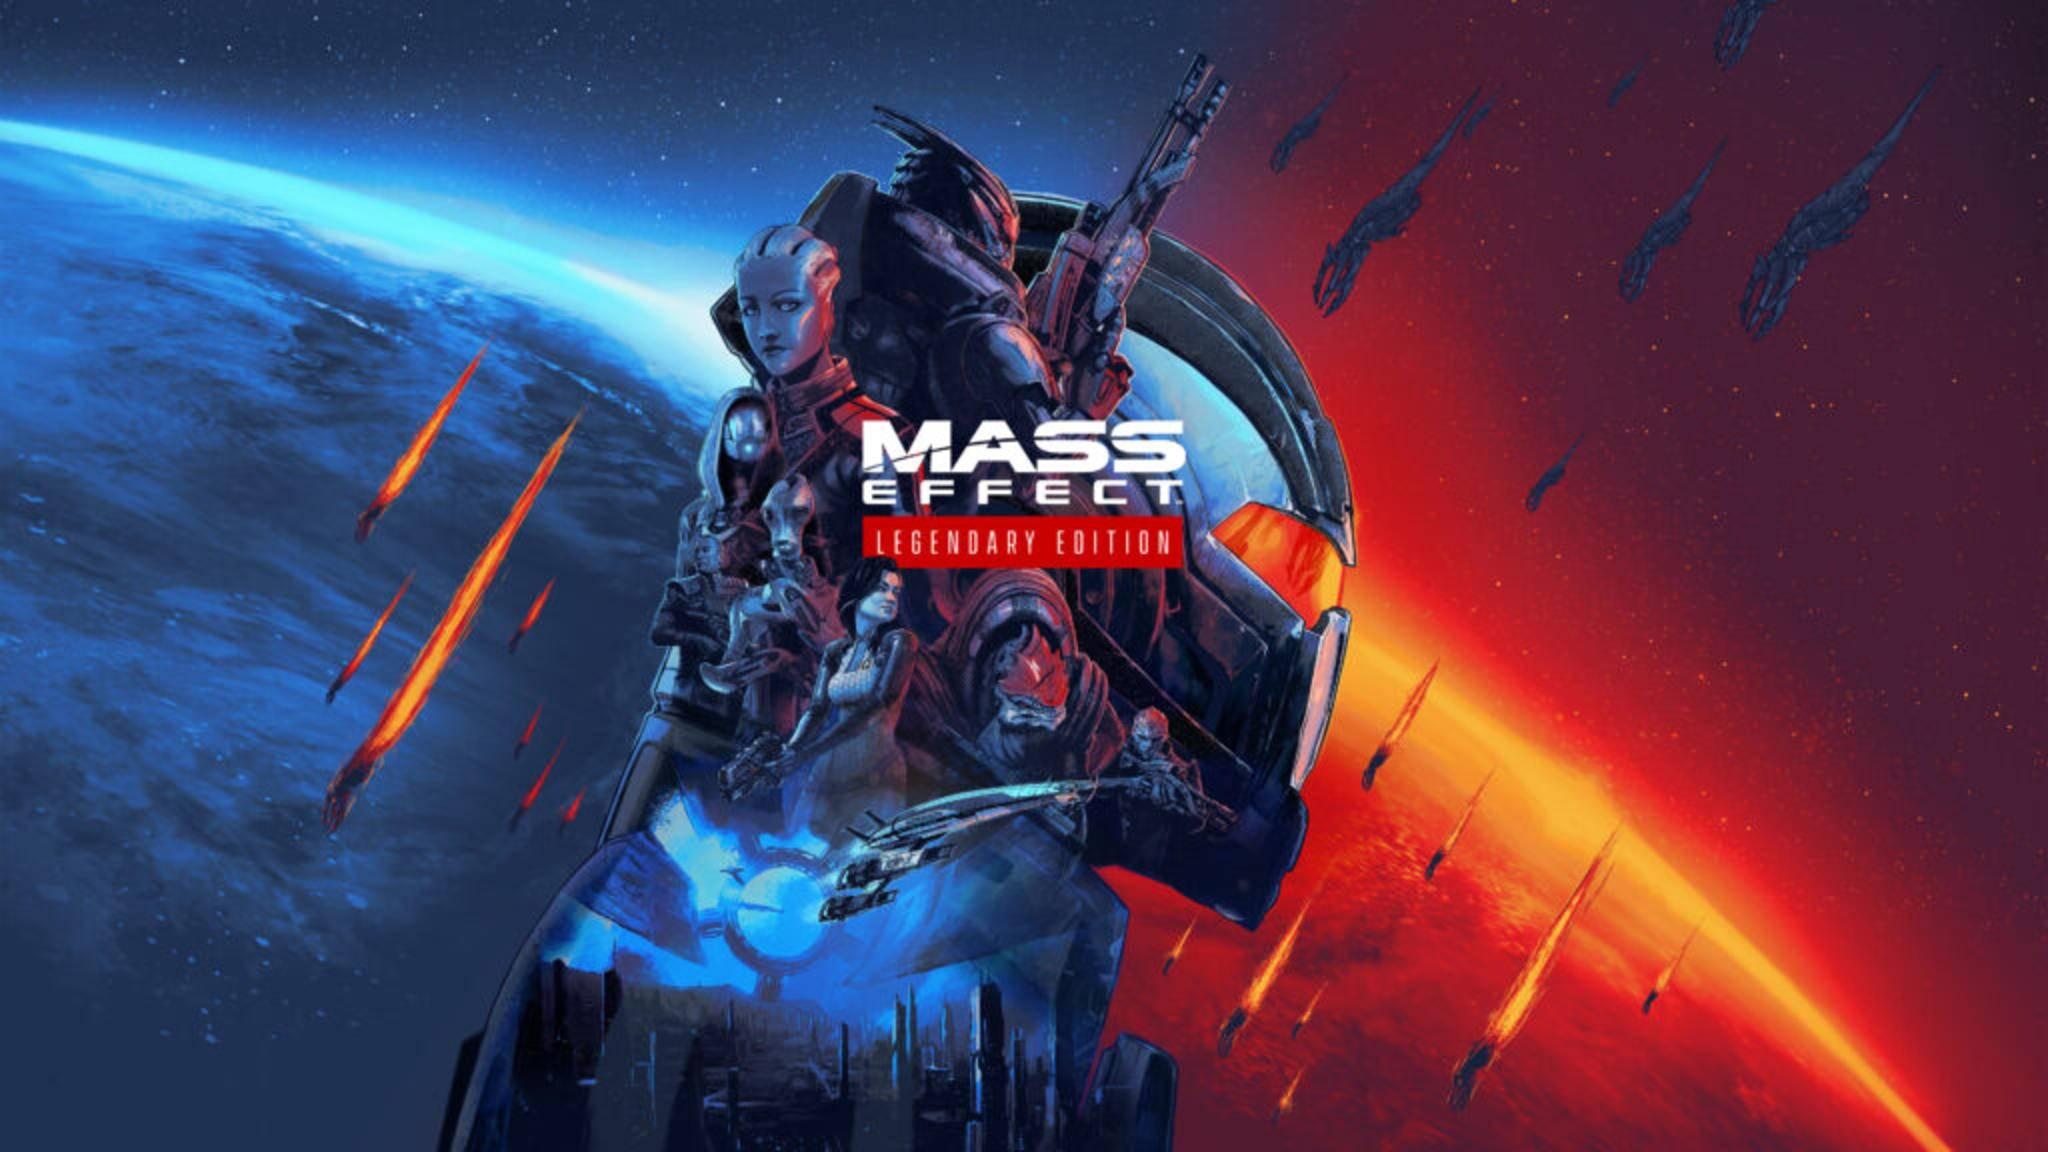 mass-effect-legendary-edition-key-art